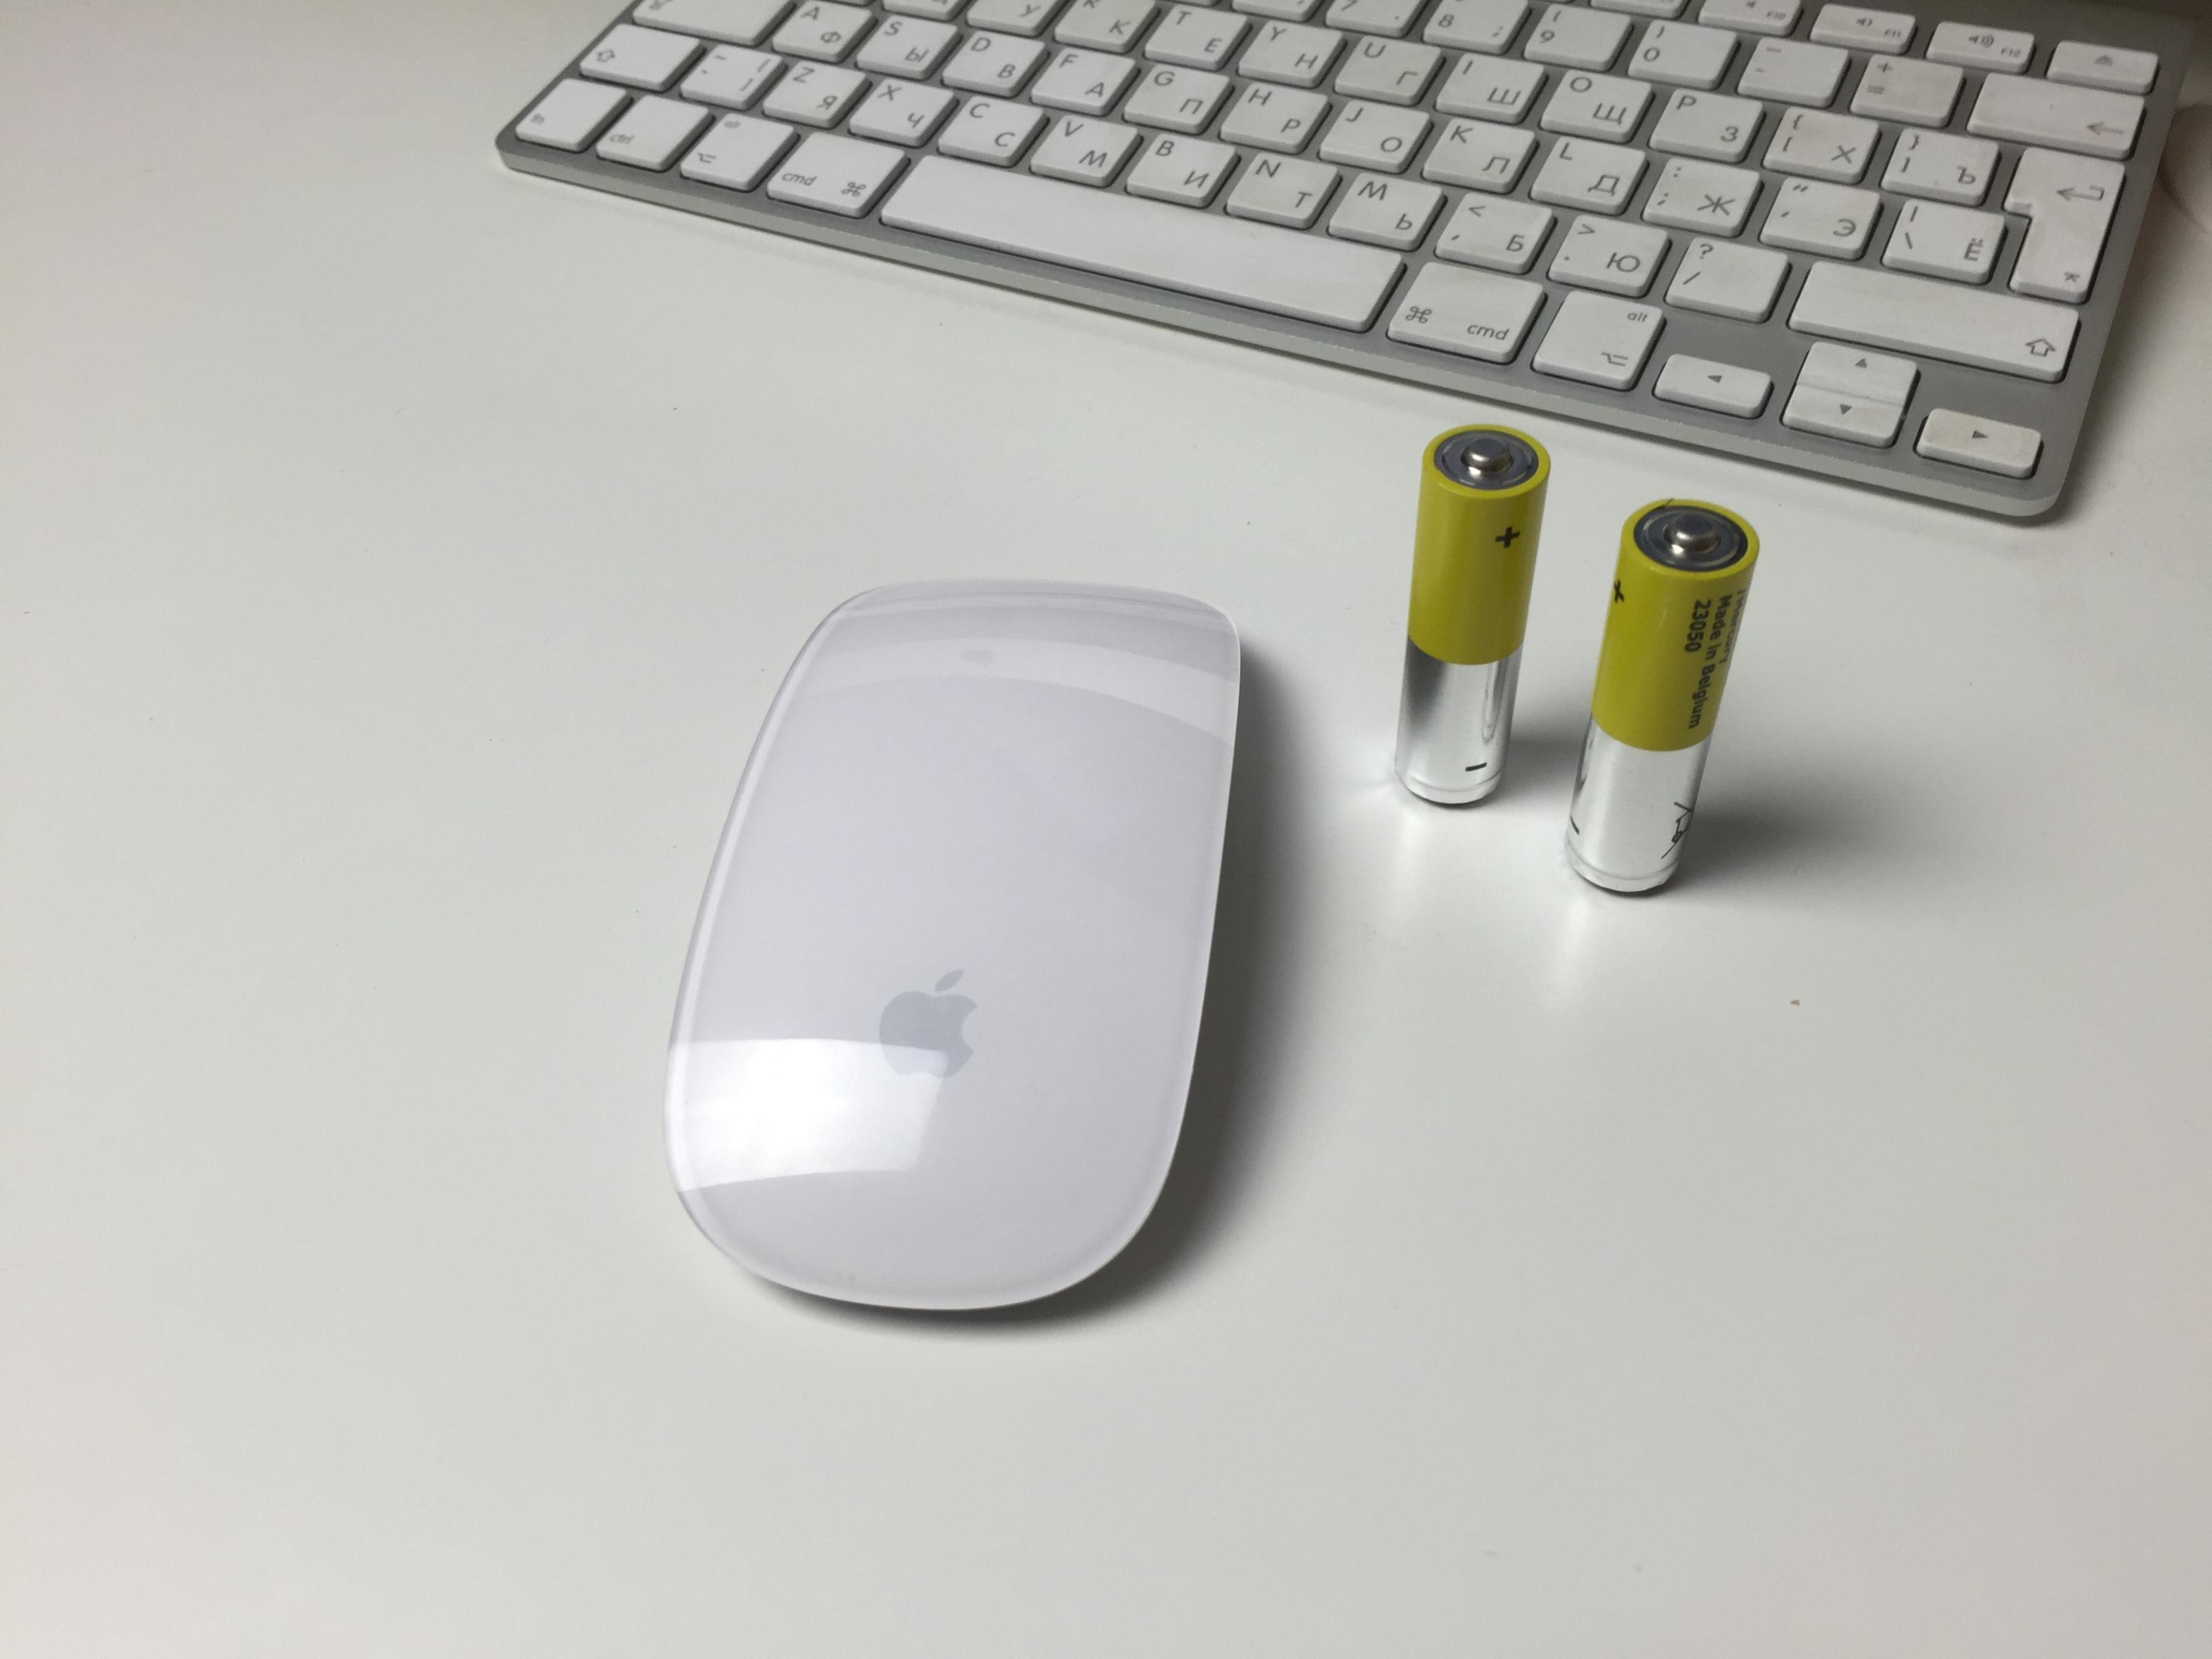 Новое видео на нашем YouTube канале: Как заменить батарейки в Apple Magic Mouse